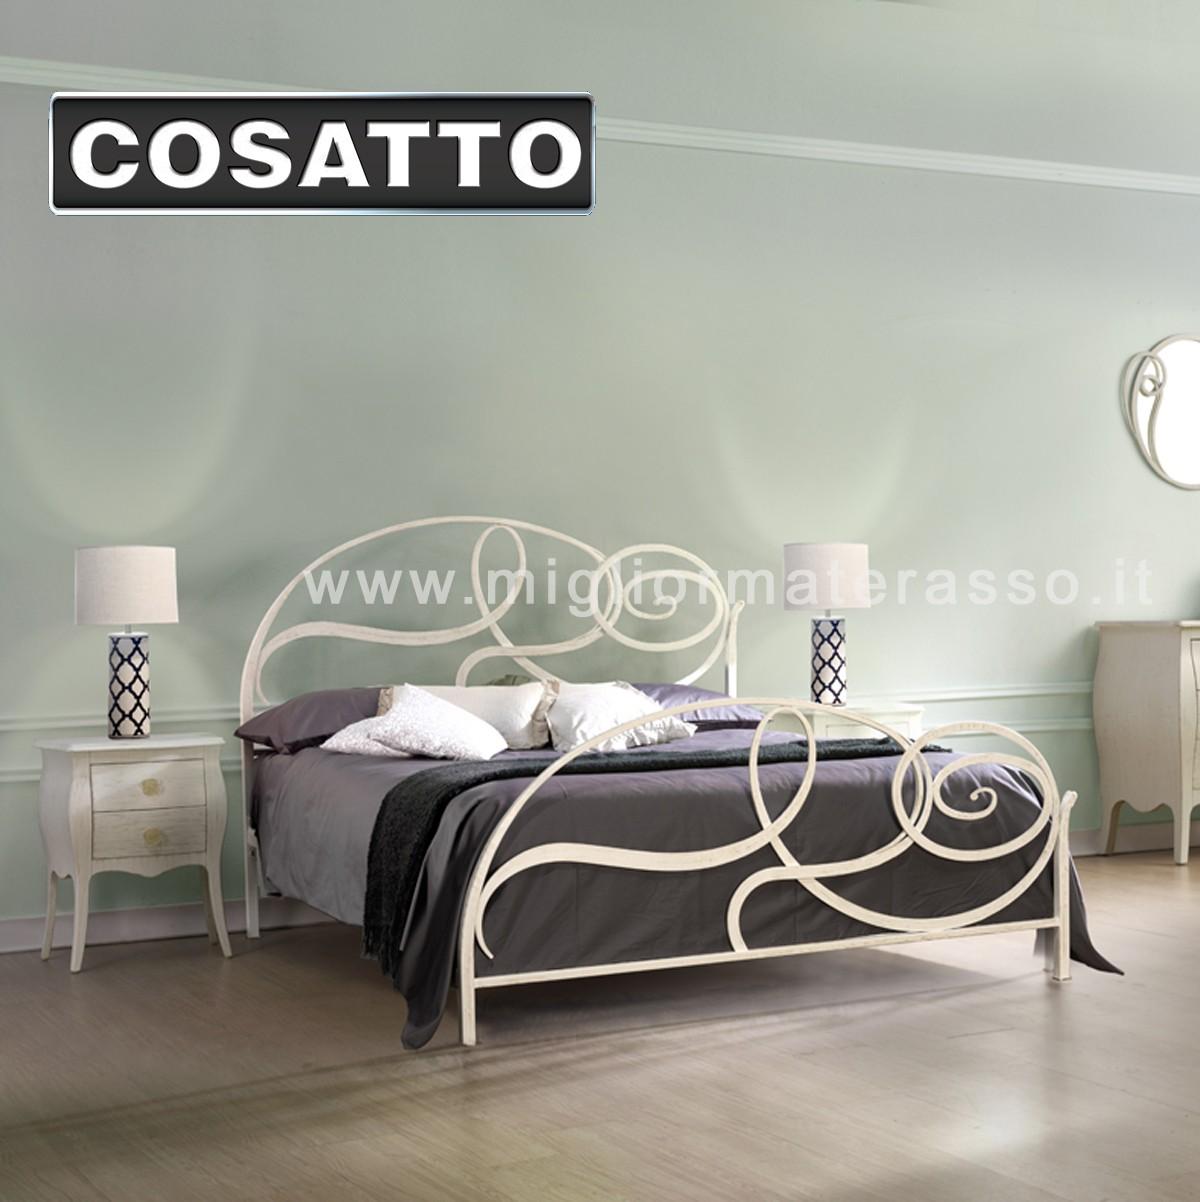 Capriccio letto in ferro Cosatto prezzi in offerta esposizione vendita